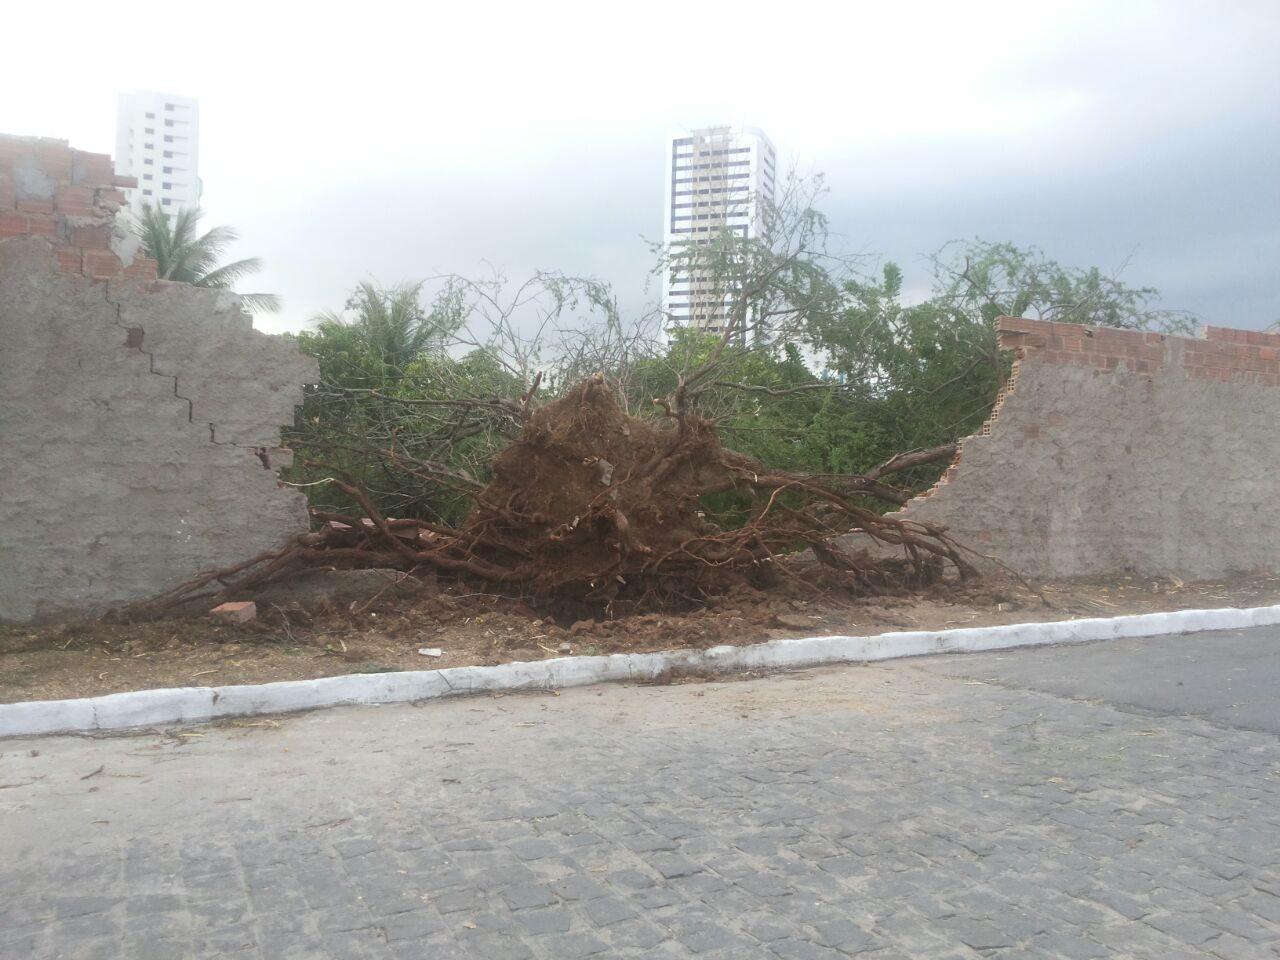 Chuva forte com ventos derruba árvores e muros em Caruaru, Pernambuco (Foto: Alessandra Costa/ G1)